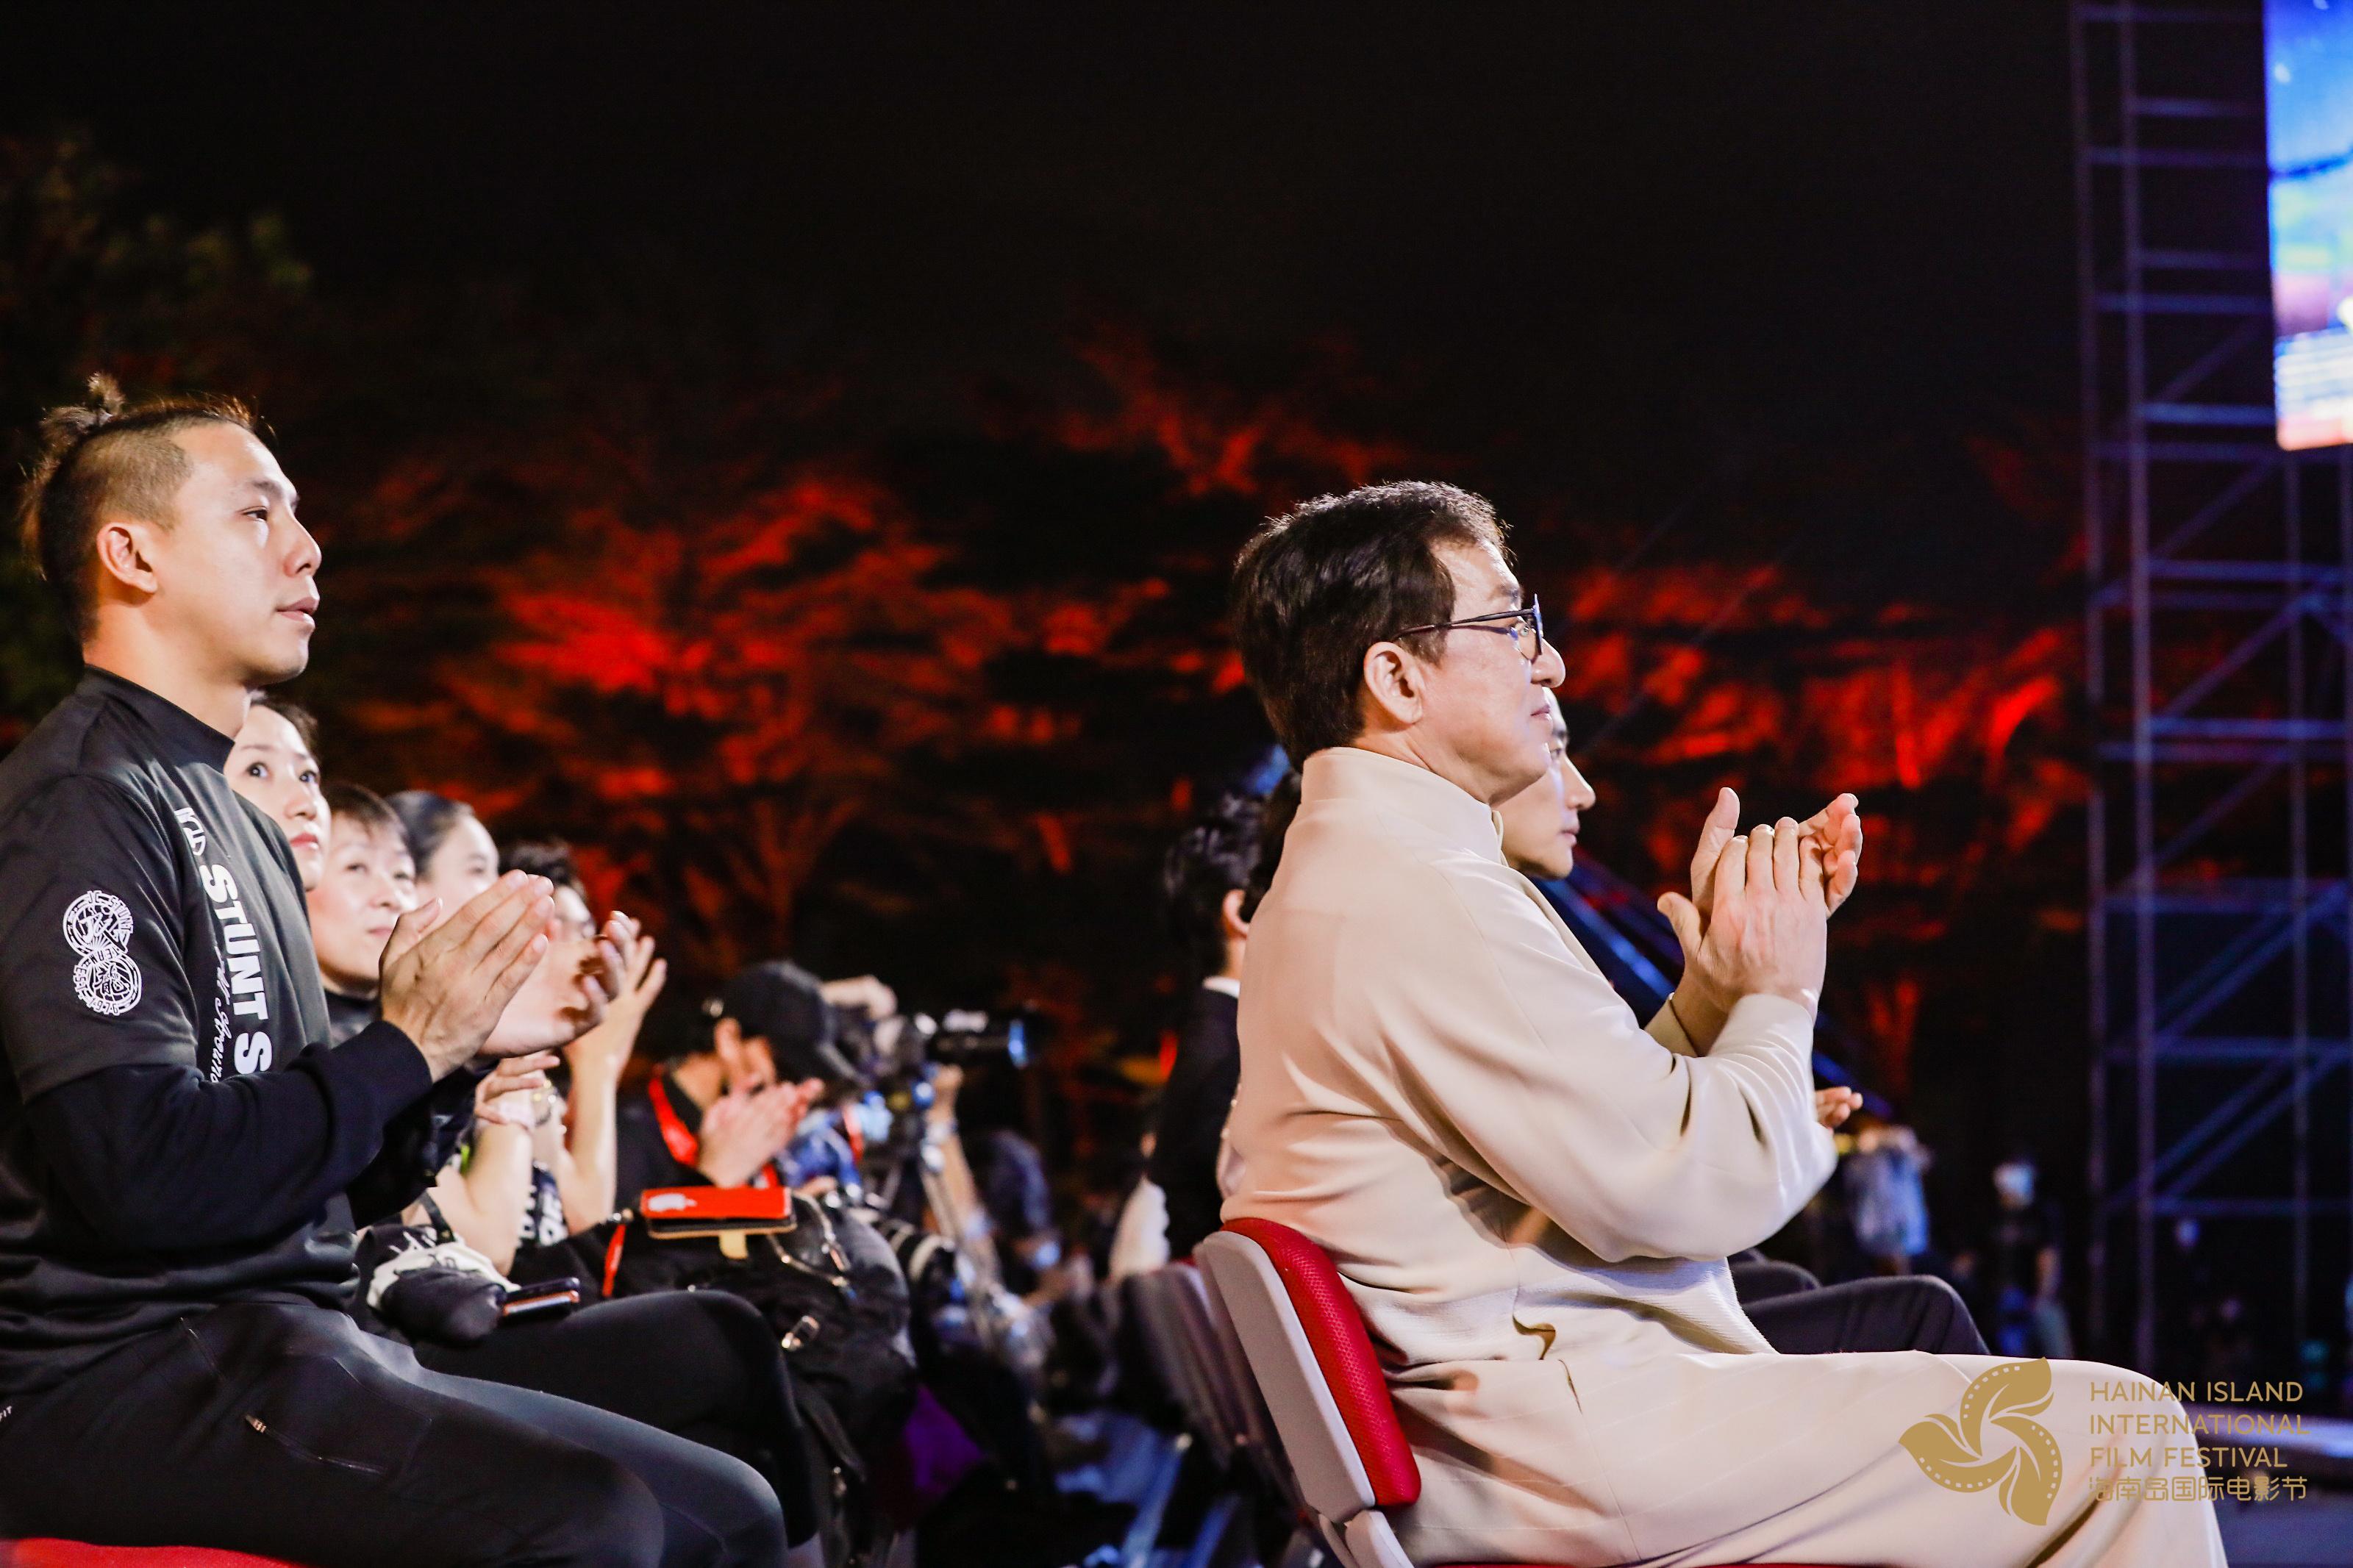 李克勤《红日》唱响海南岛电影节 成龙台下合唱 第2张